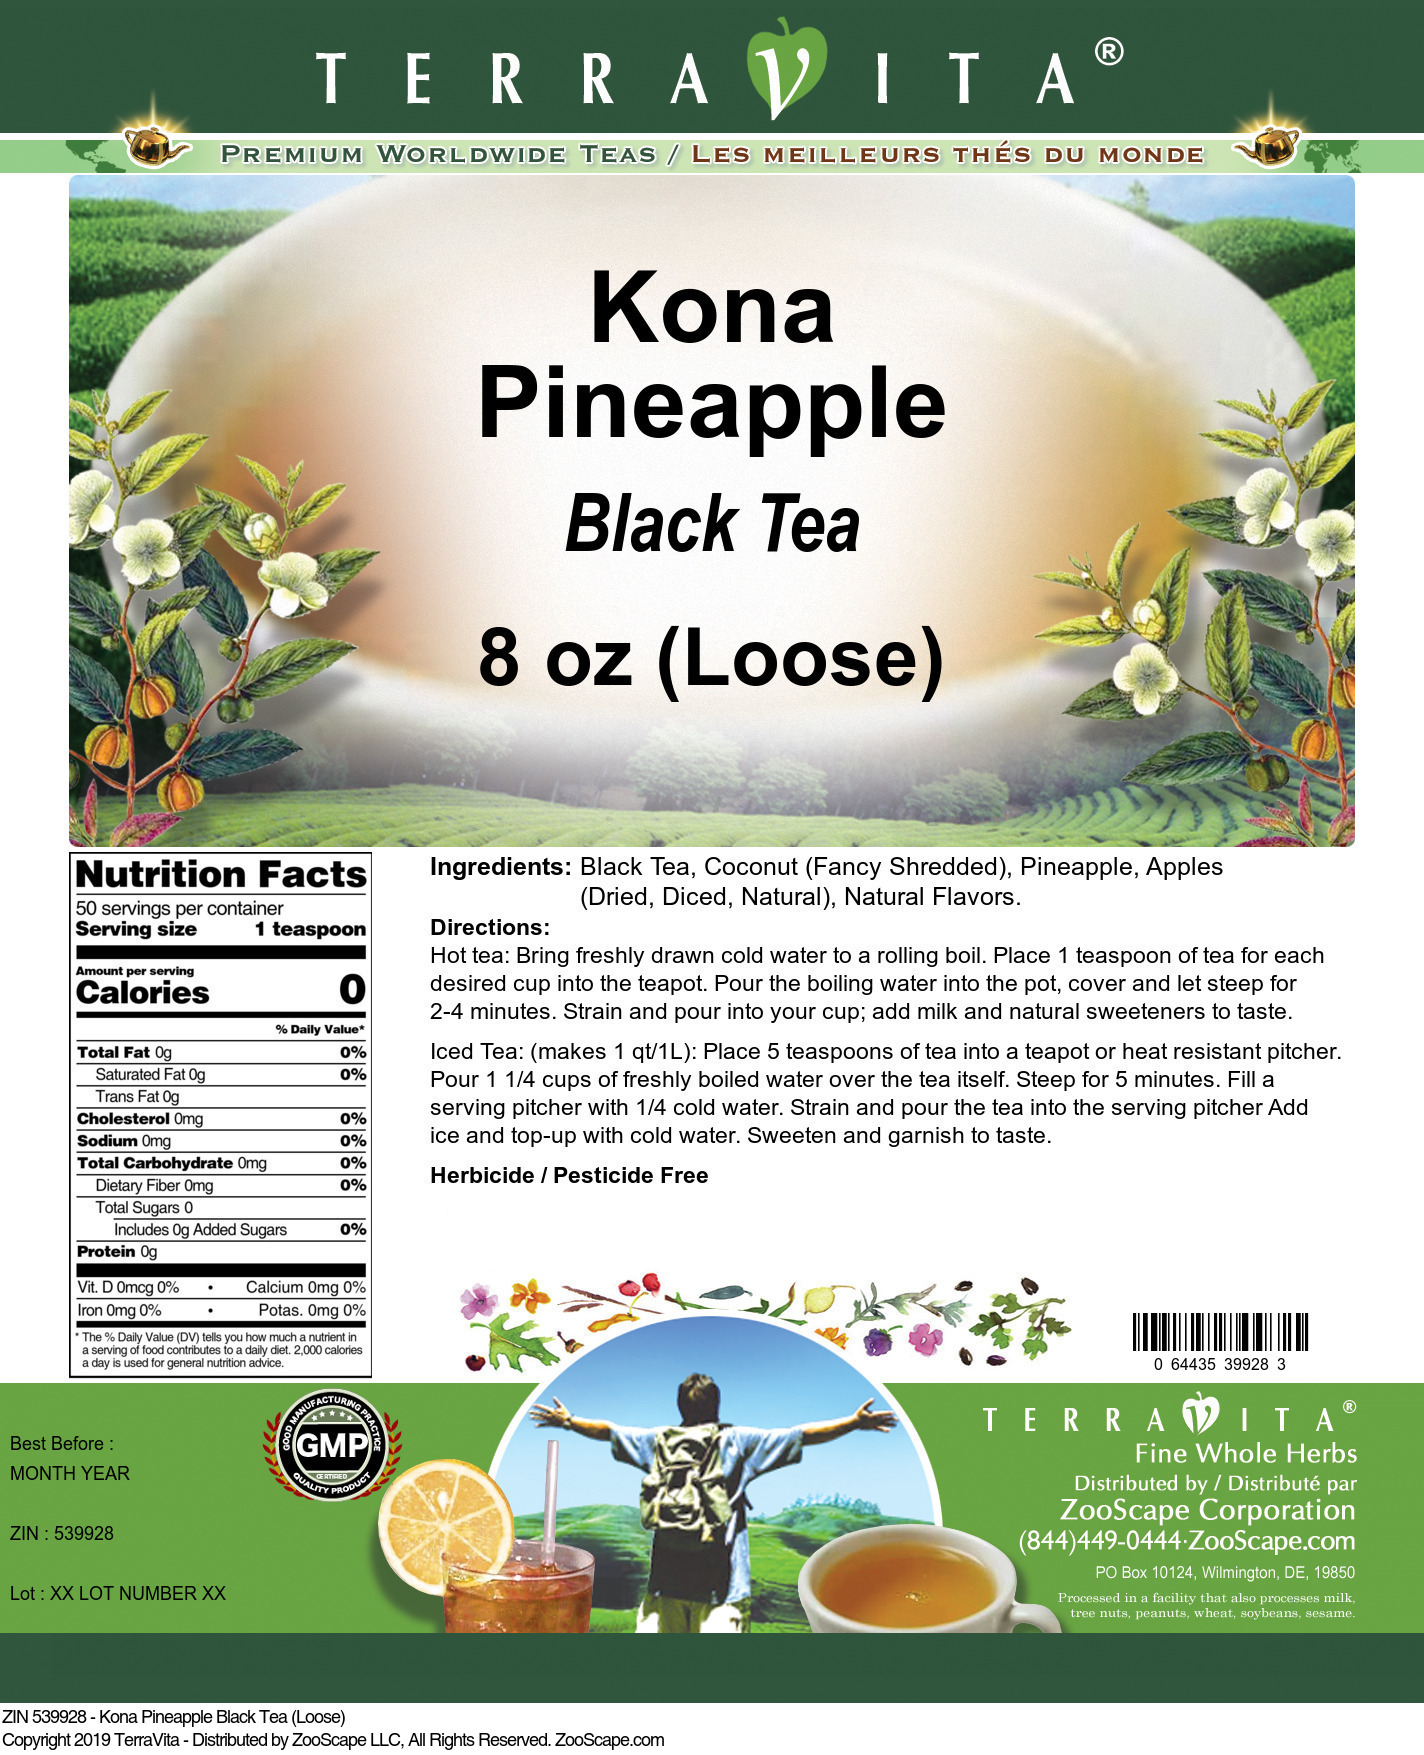 Kona Pineapple Black Tea (Loose)